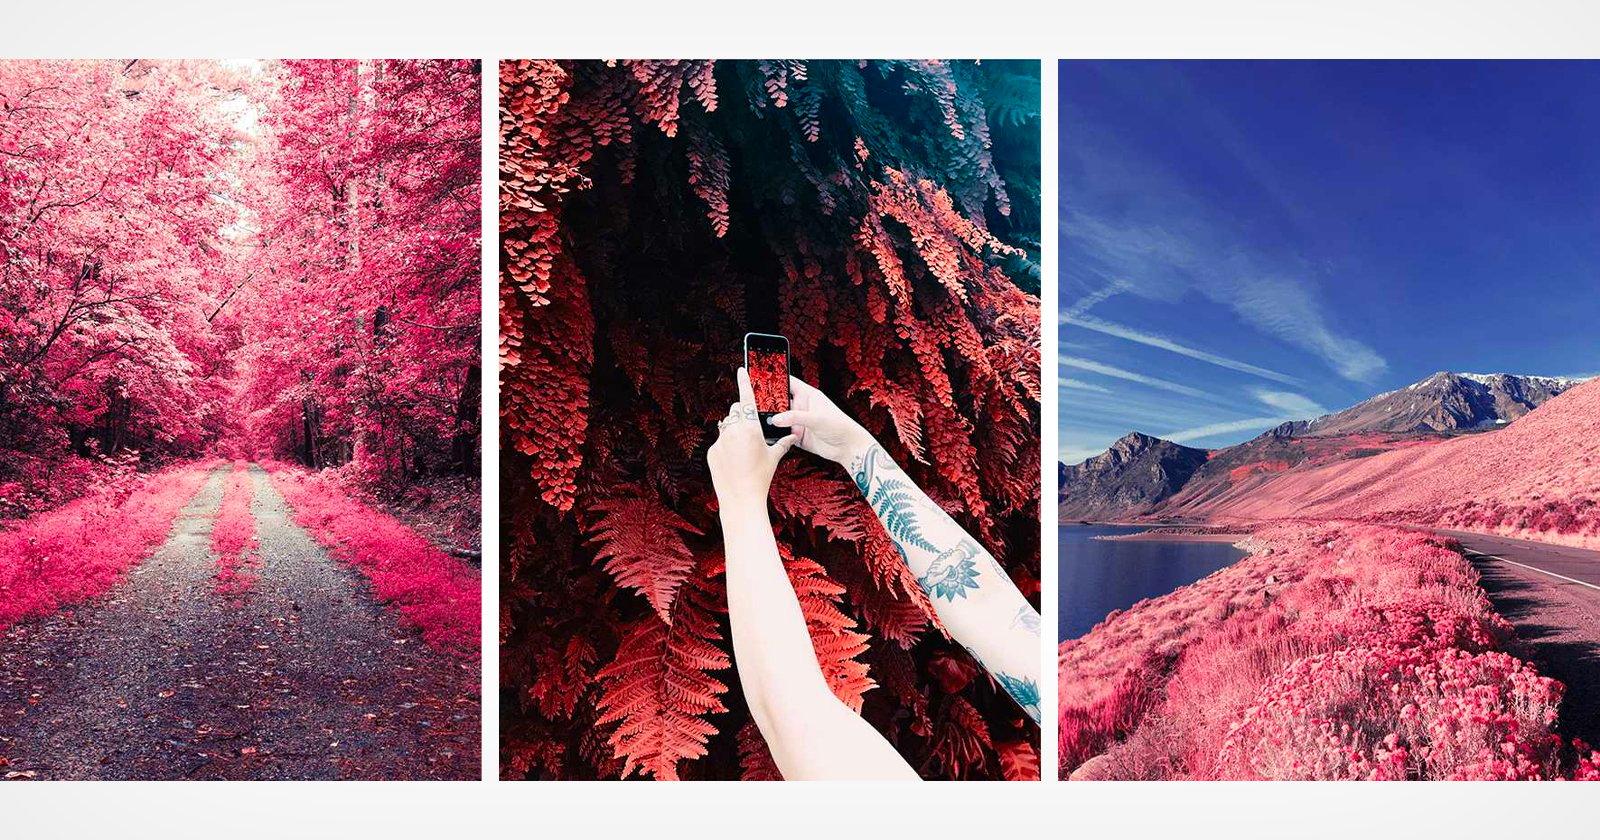 VSCO lancia un nuovo set di filtri che simulano la fotografia a infrarossi